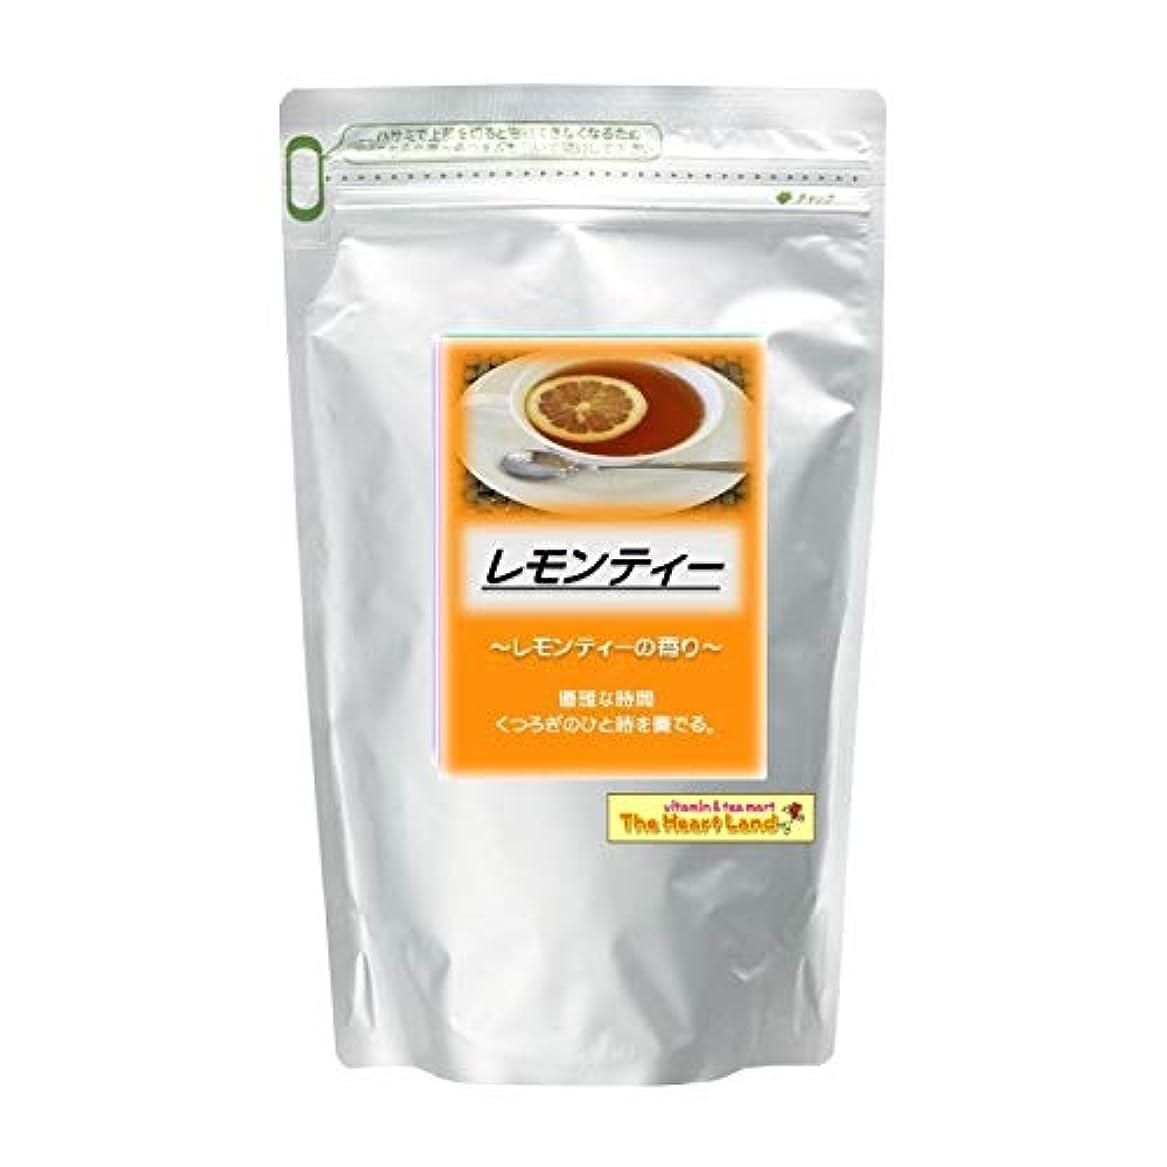 破壊するしてはいけないフェッチアサヒ入浴剤 浴用入浴化粧品 レモンティー 2.5kg